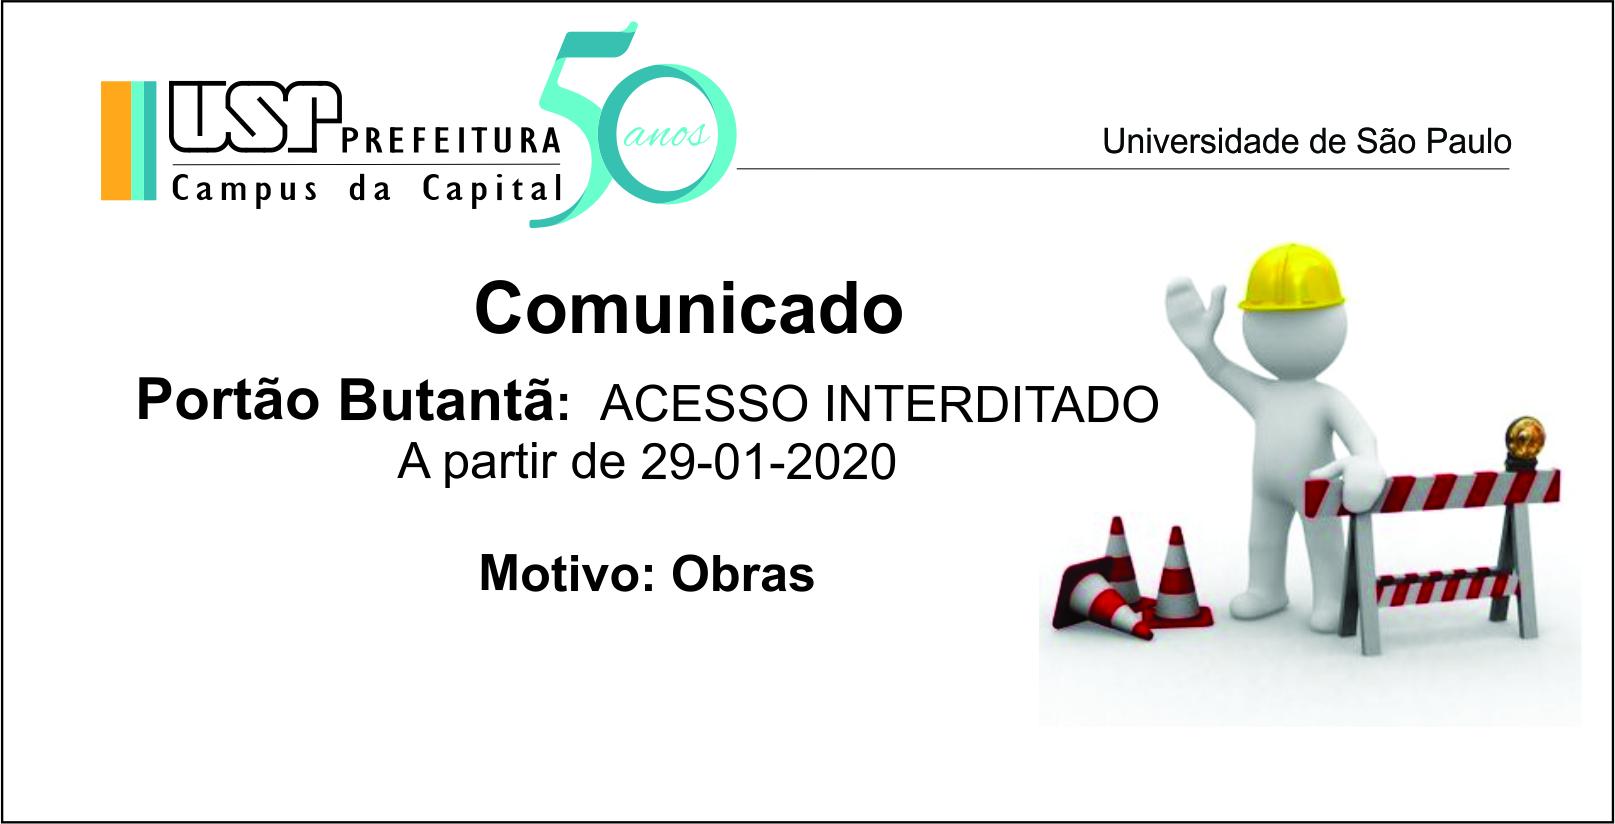 INTERDIÇÃO PORTÃO BUTANTA 29-01-2020